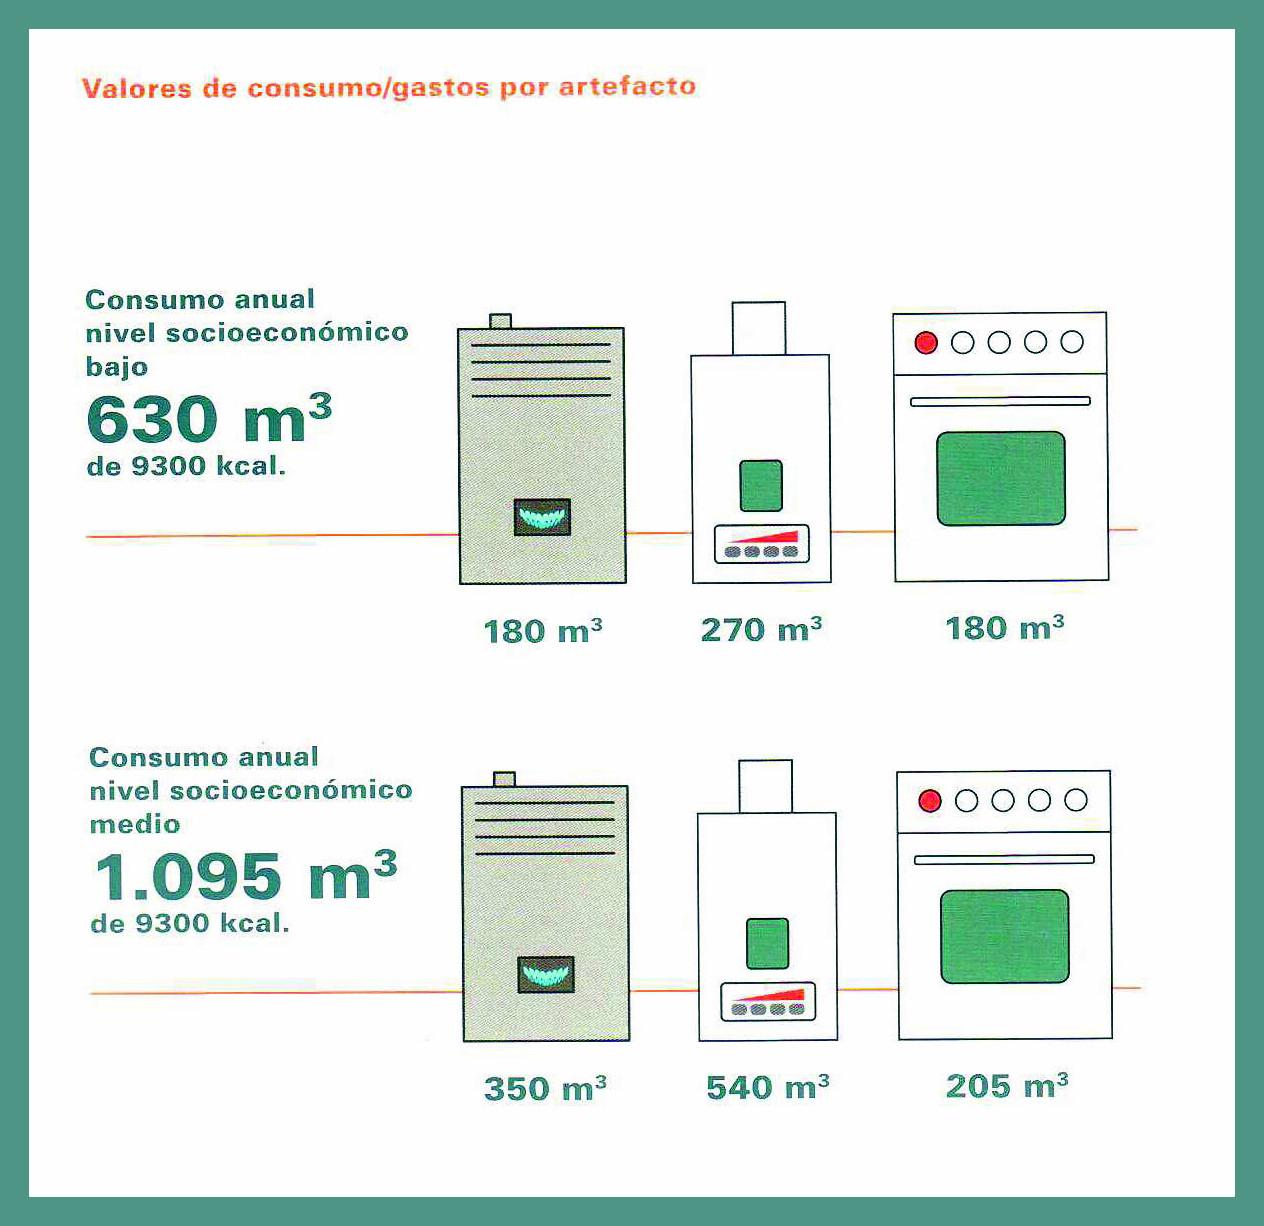 valores-de-consumo-gastos-por-artefacto-1